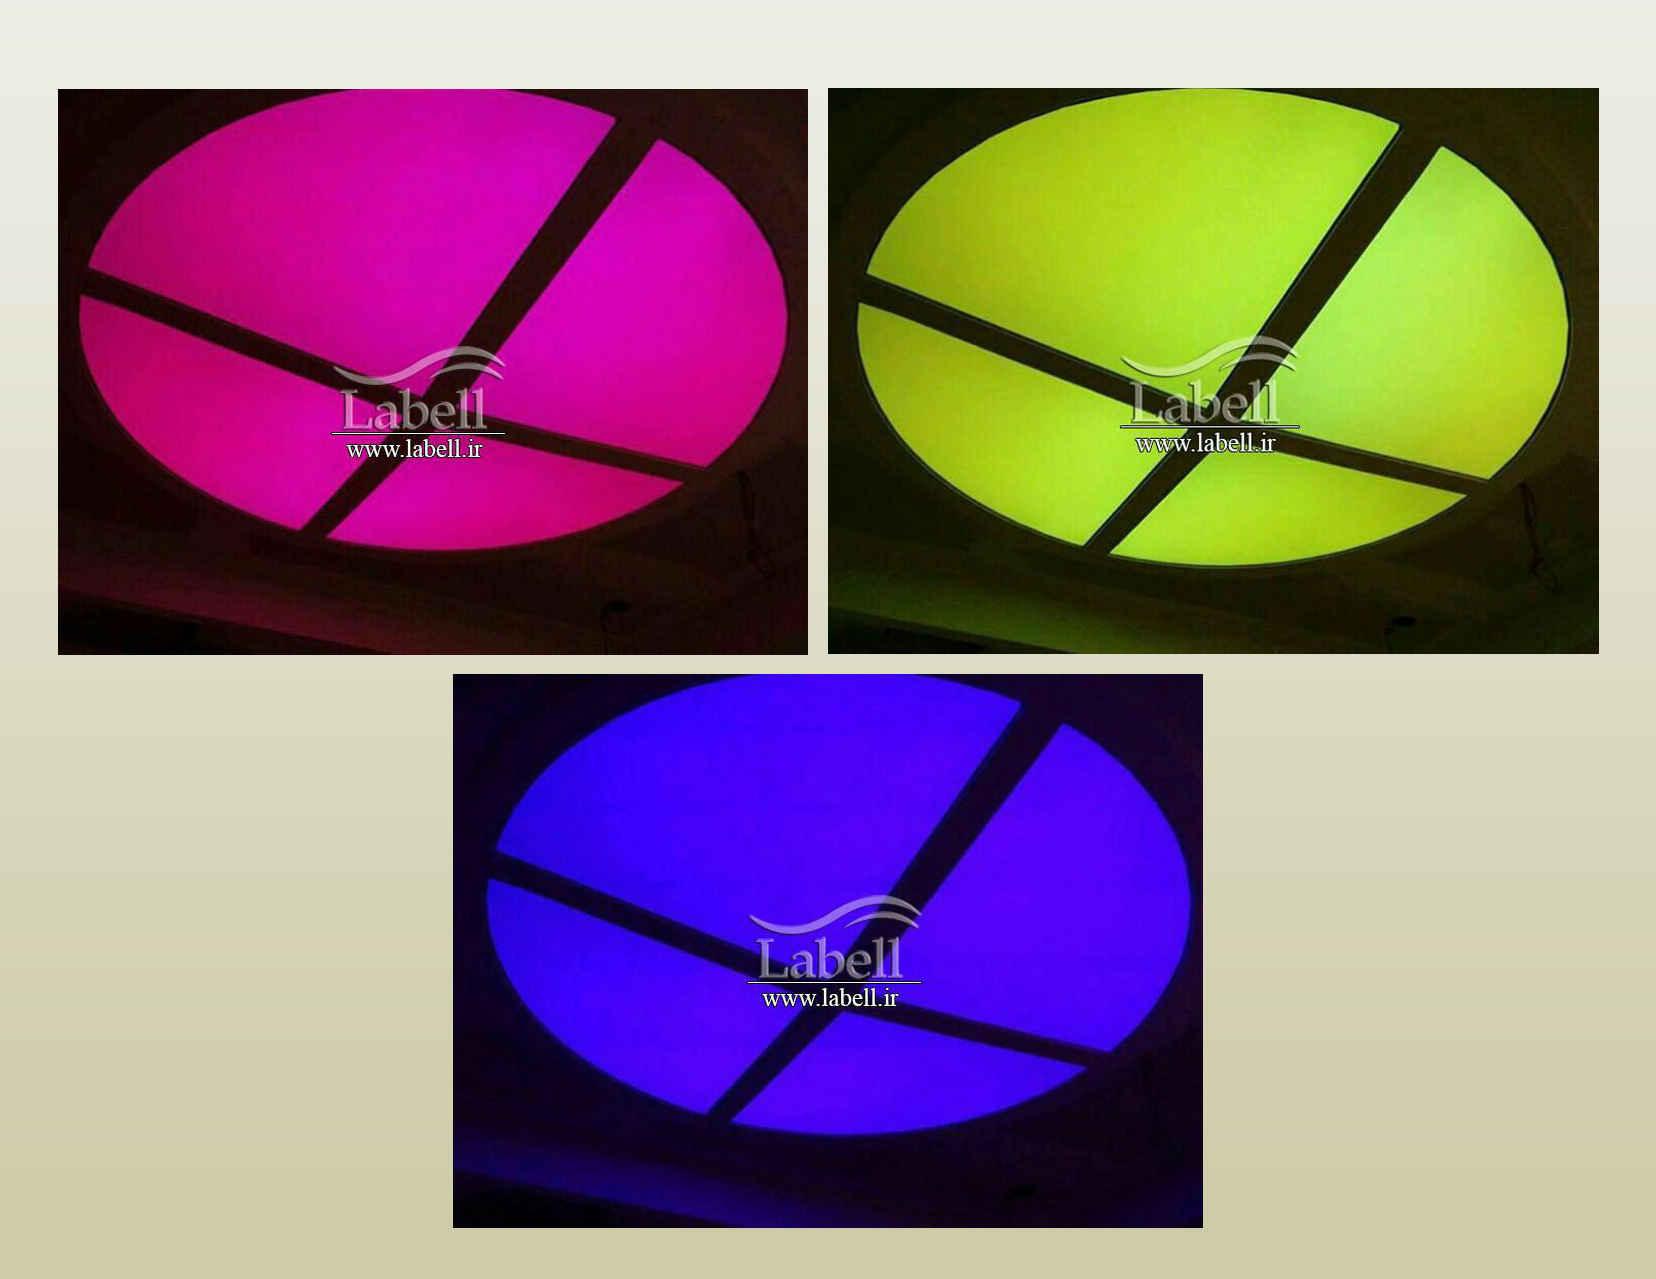 نورپردازی RGB در سقف کشسان